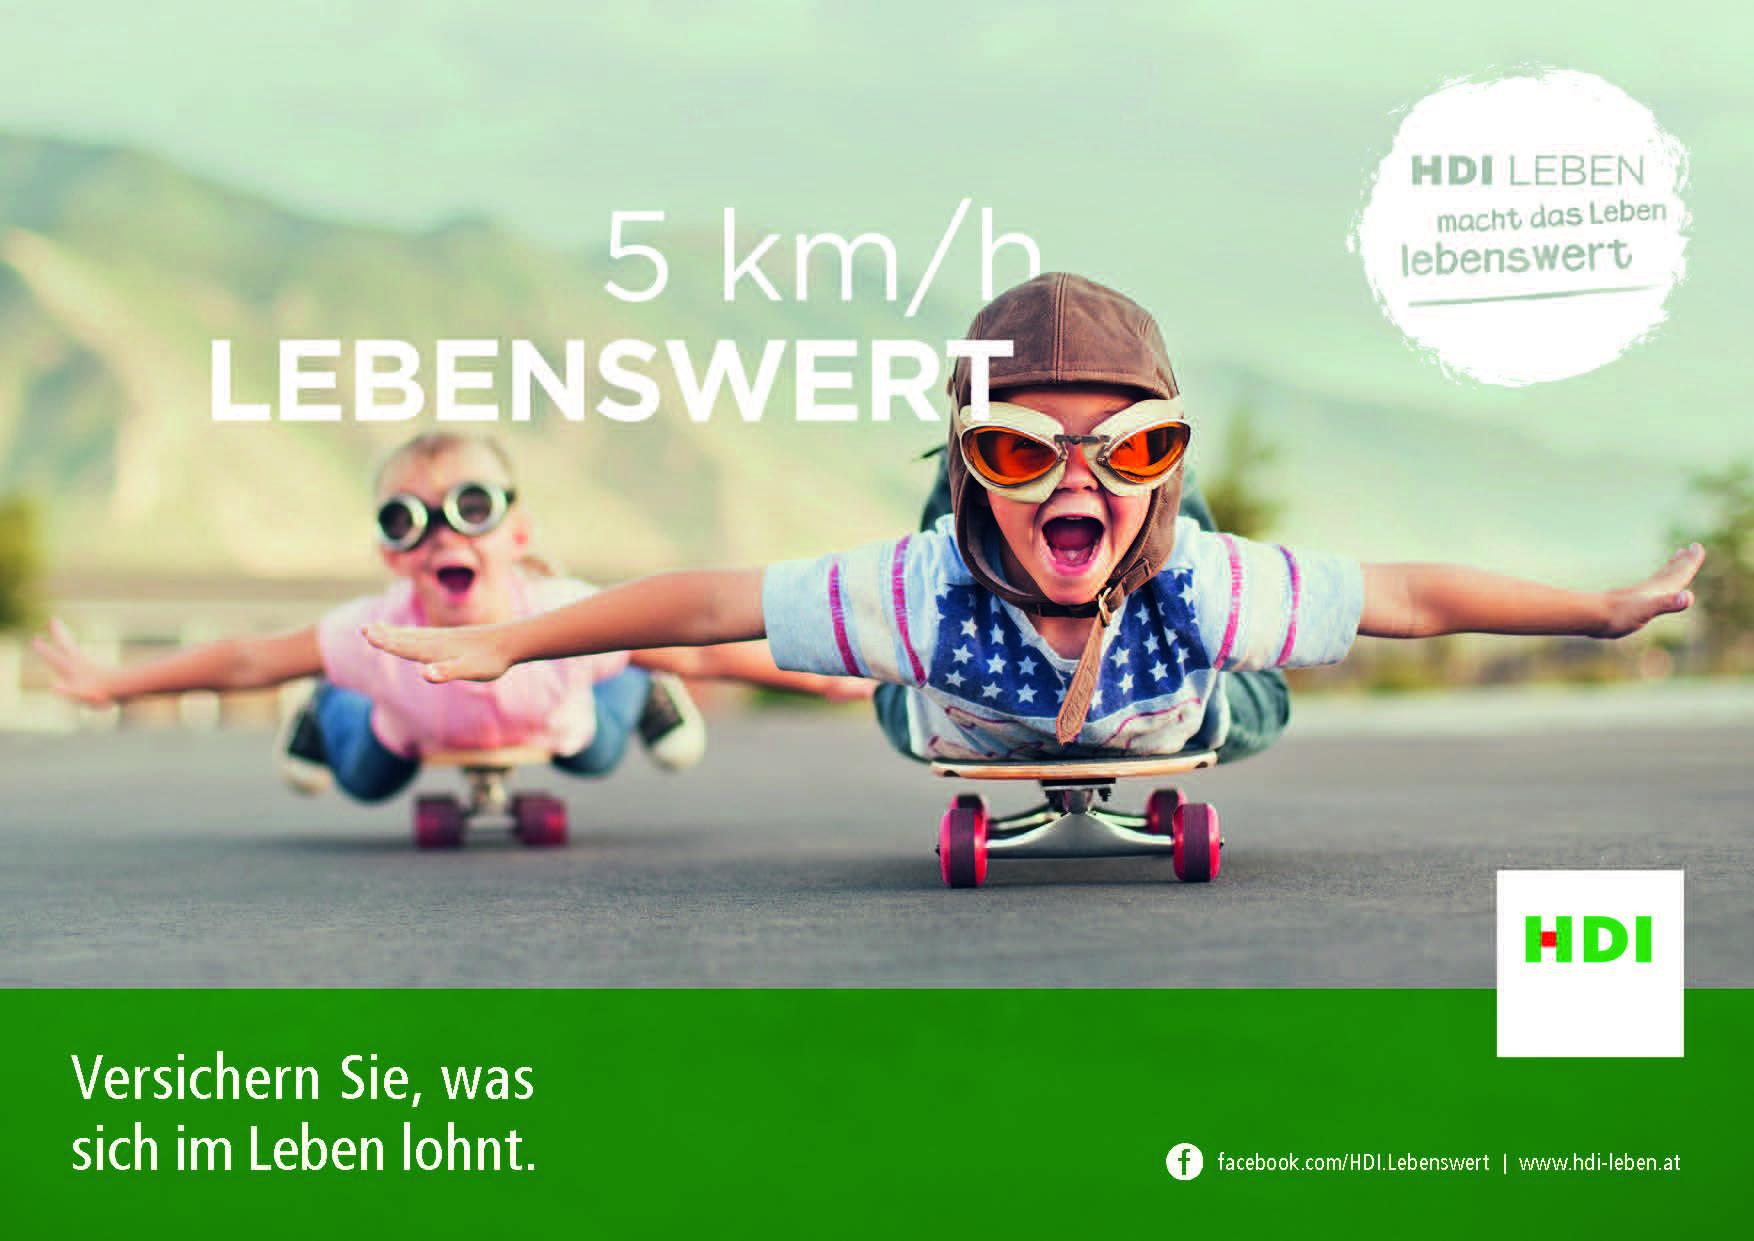 5 km/h LEBENSWERT